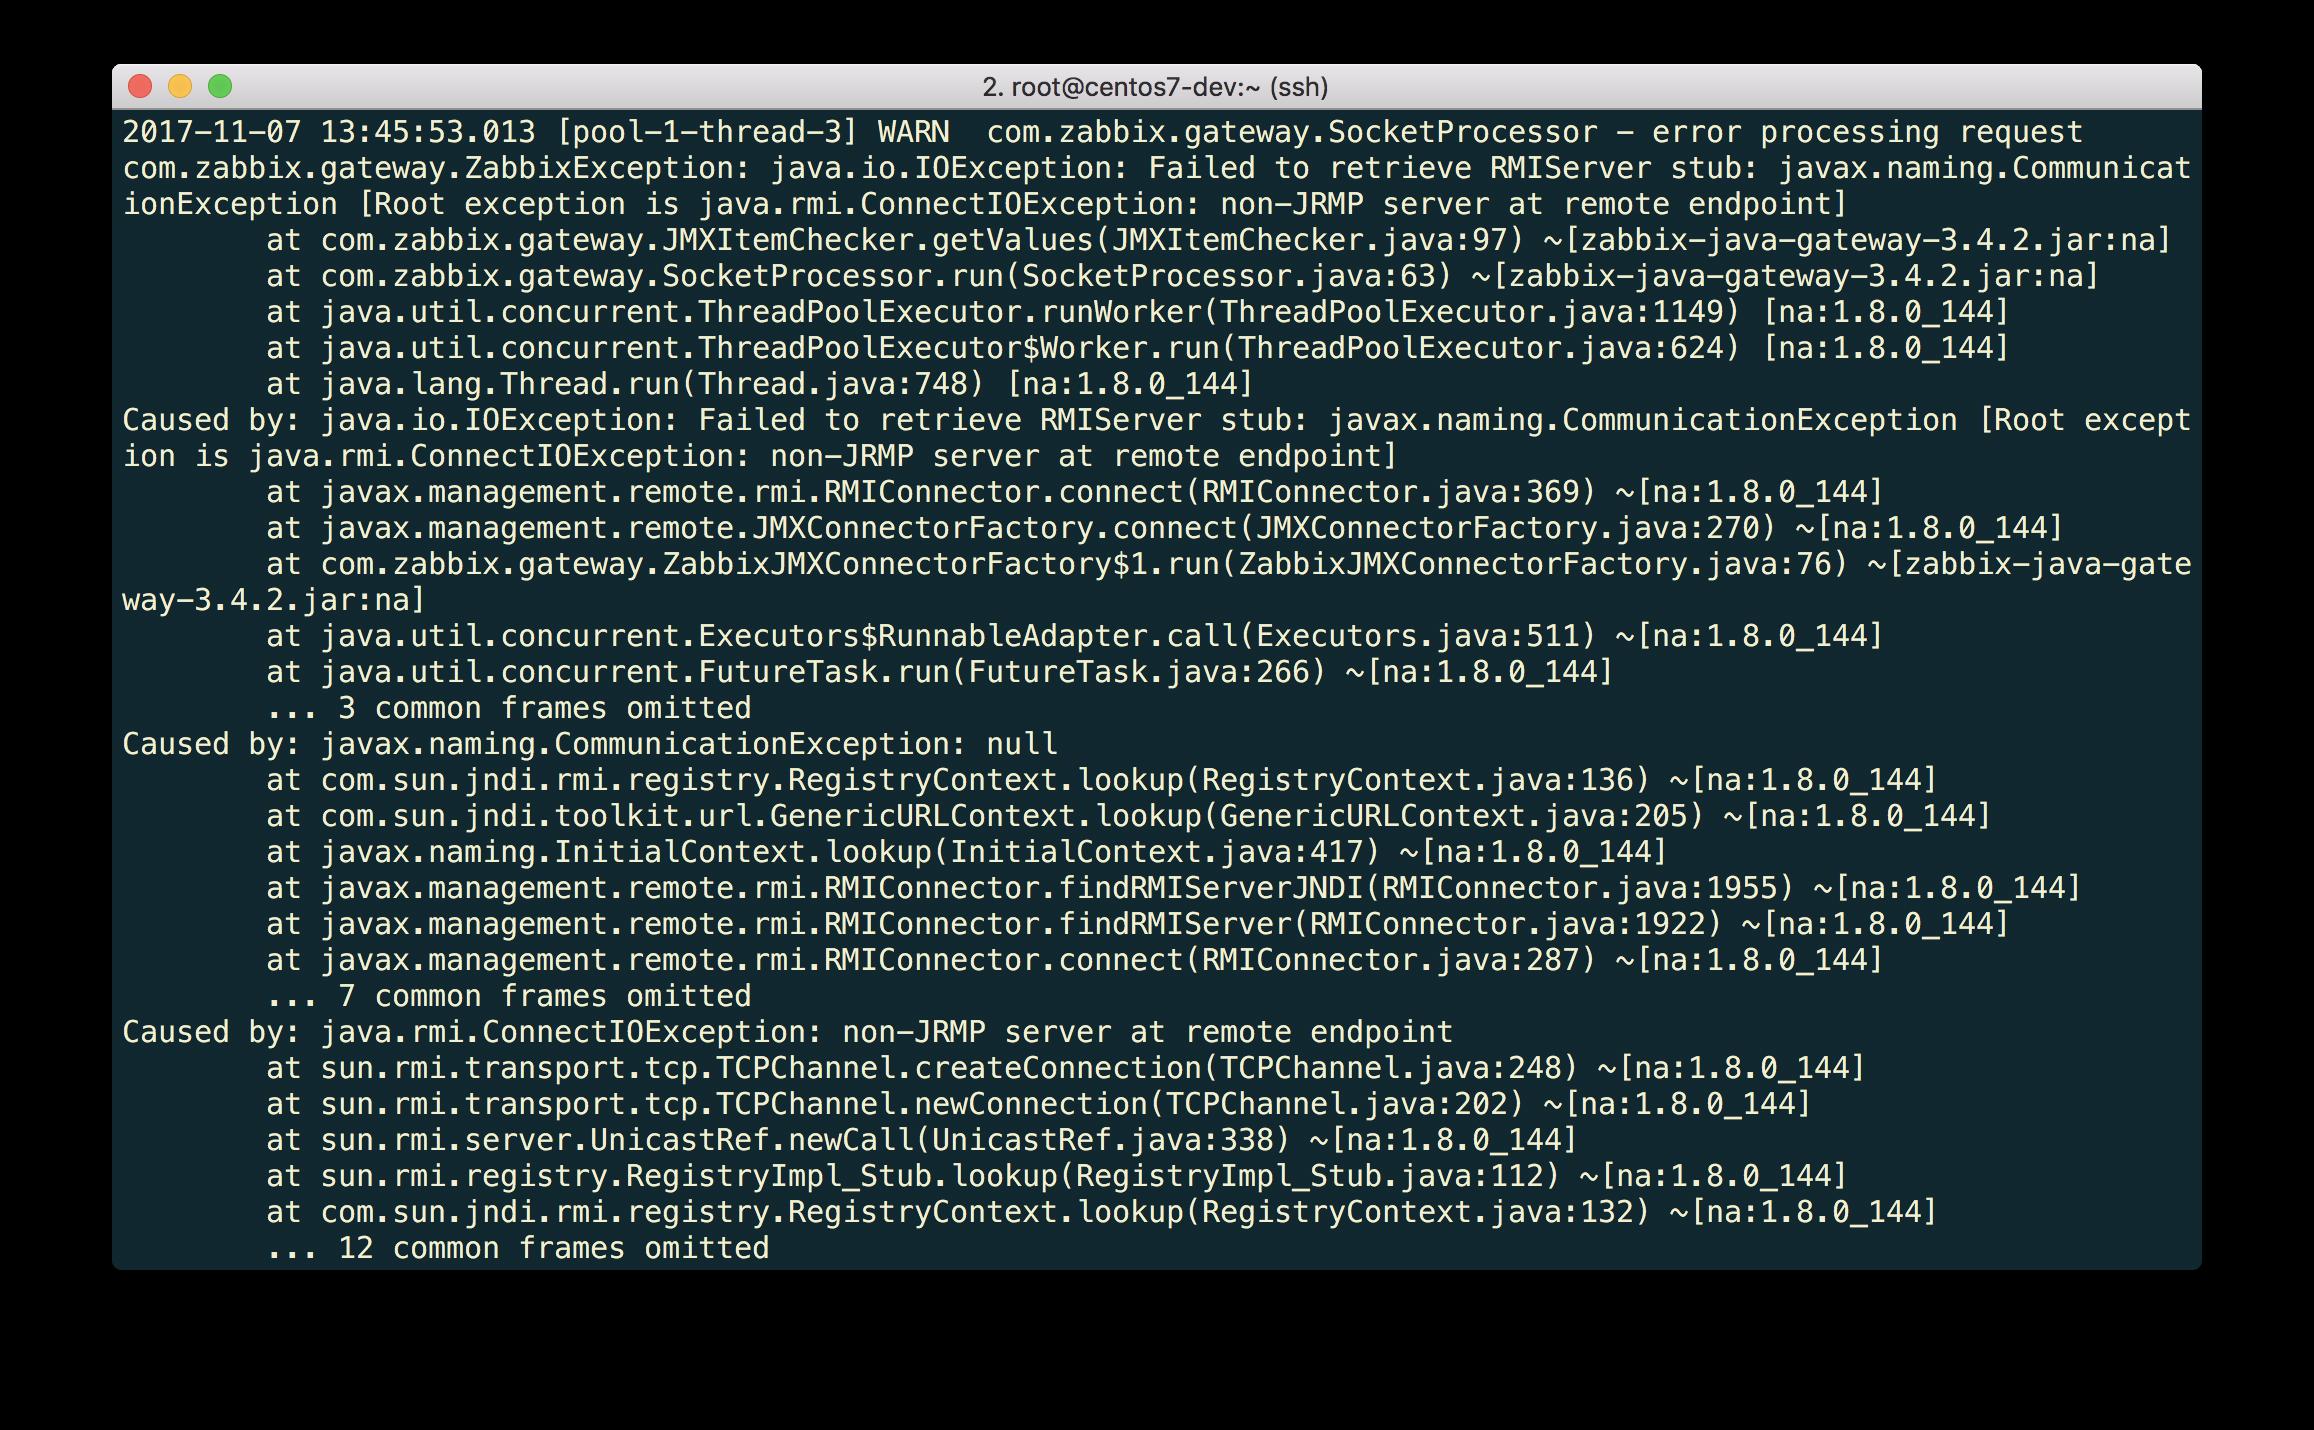 Новые возможности мониторинга Java приложений в Zabbix 3.4 - 7